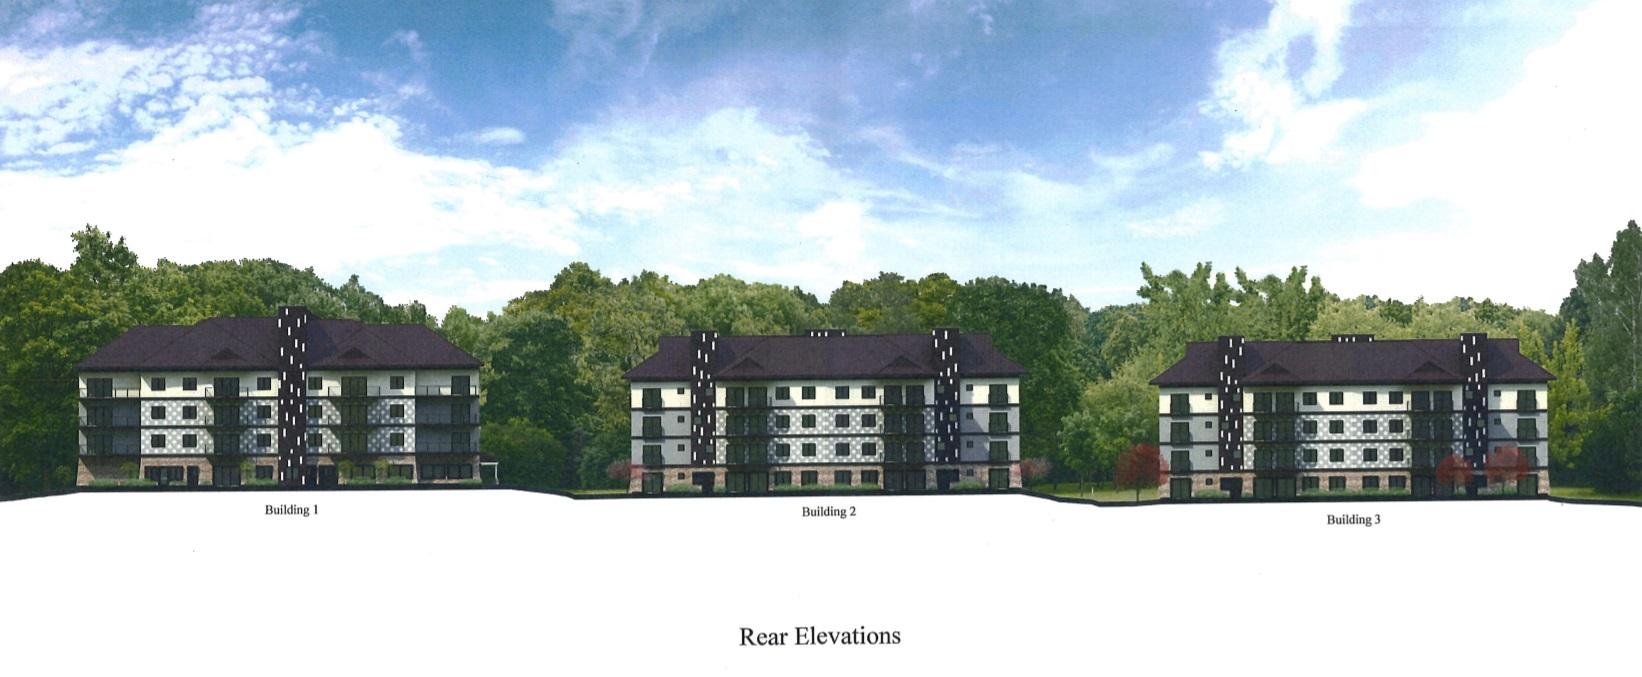 The Enclave At Kerlin Farm - Cheltenham - Rear Elevations.jpg